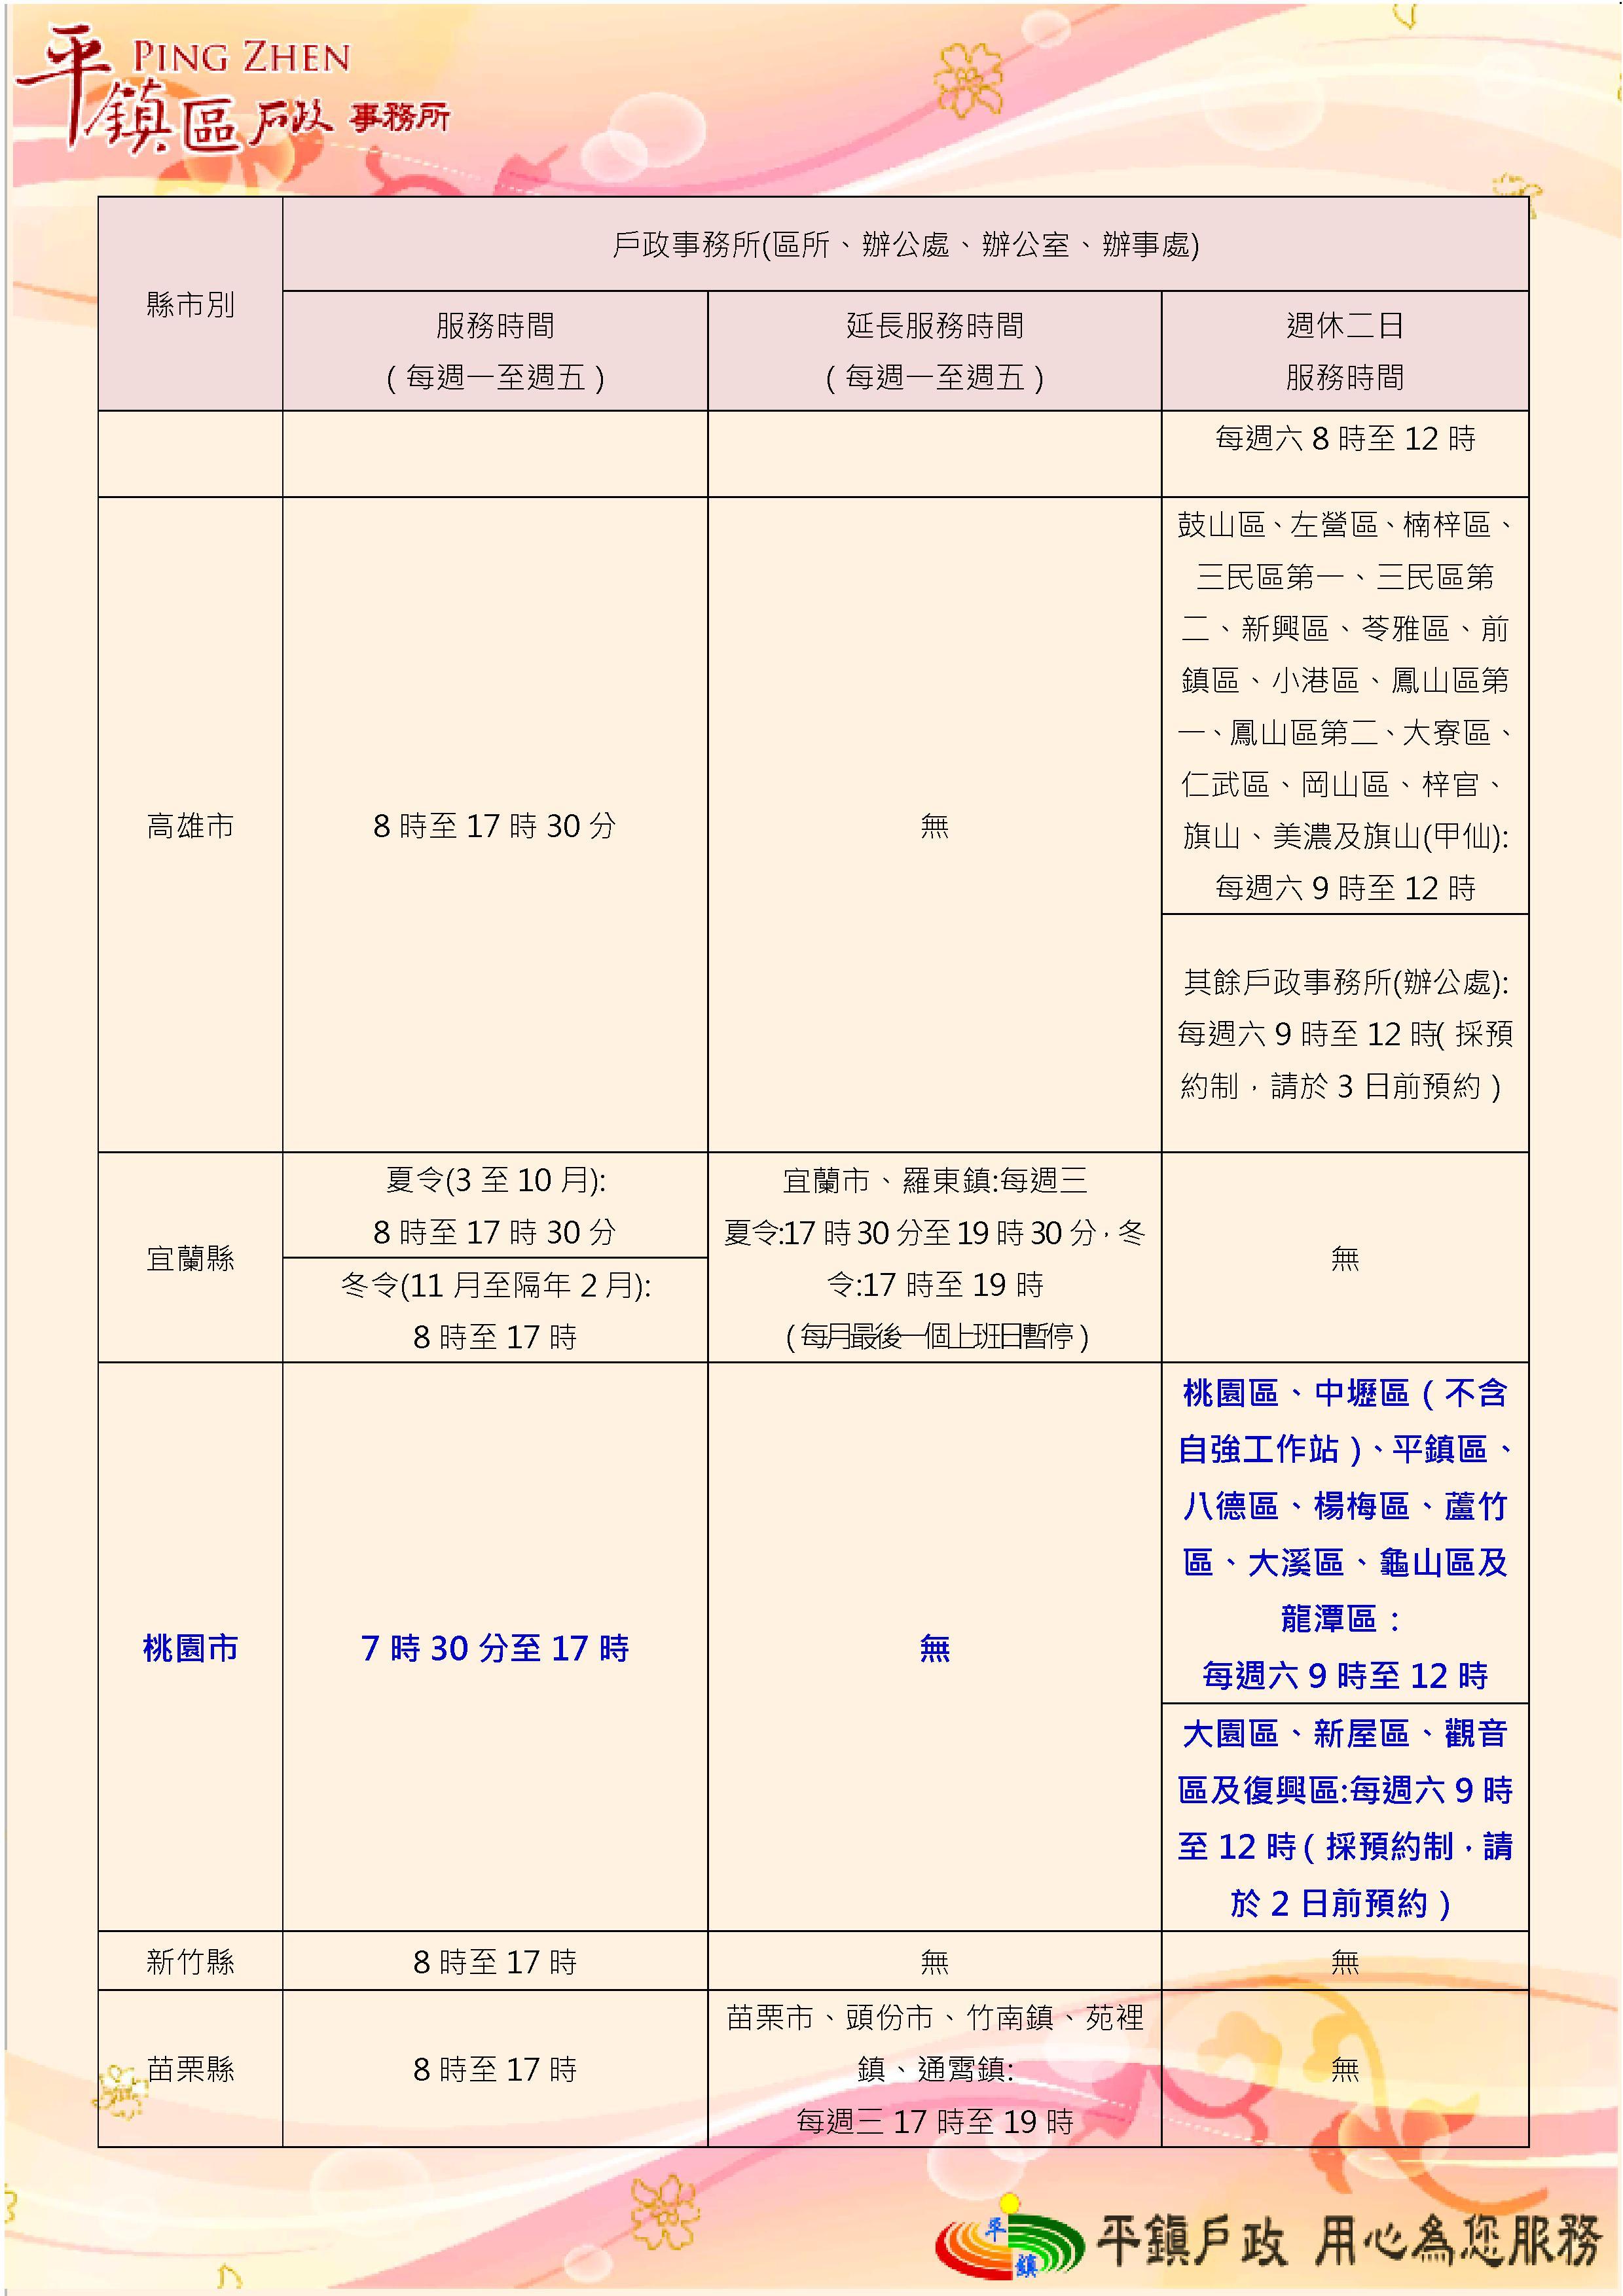 桃園市戶所上班時間為7時30分至17時,高雄市8時至17時30分、新竹縣及苗栗縣為8時至17時,宜蘭縣夏令(3至10月)8時至17時30分 ,冬令(11月至隔年2月)為8時至17時